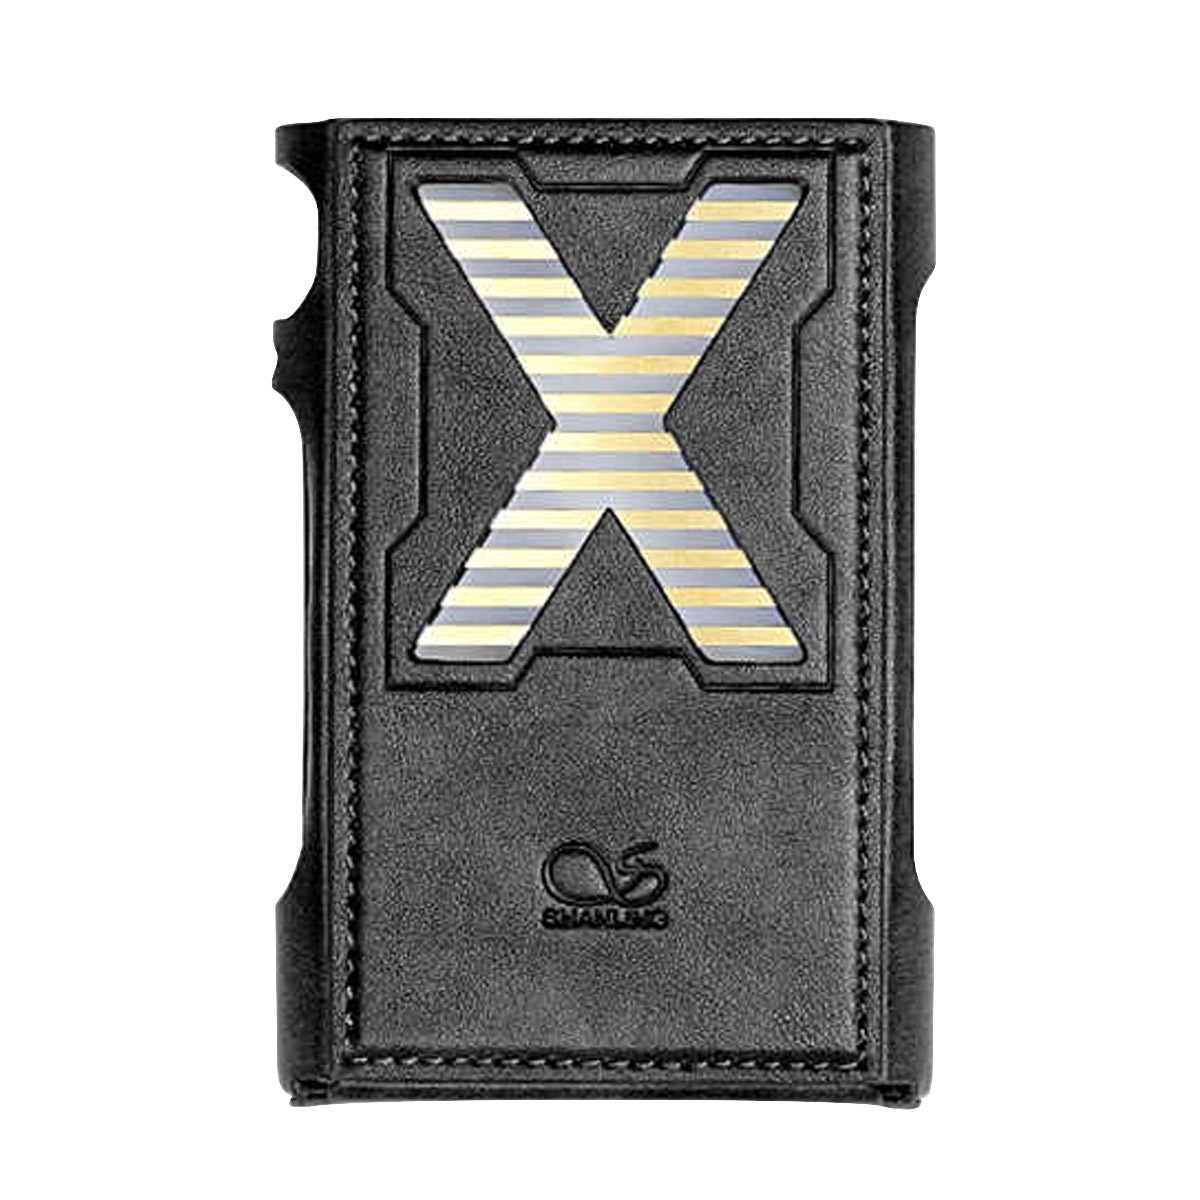 SHANLING Housse de Protection Cuir Noir pour DAP Shanling M3X